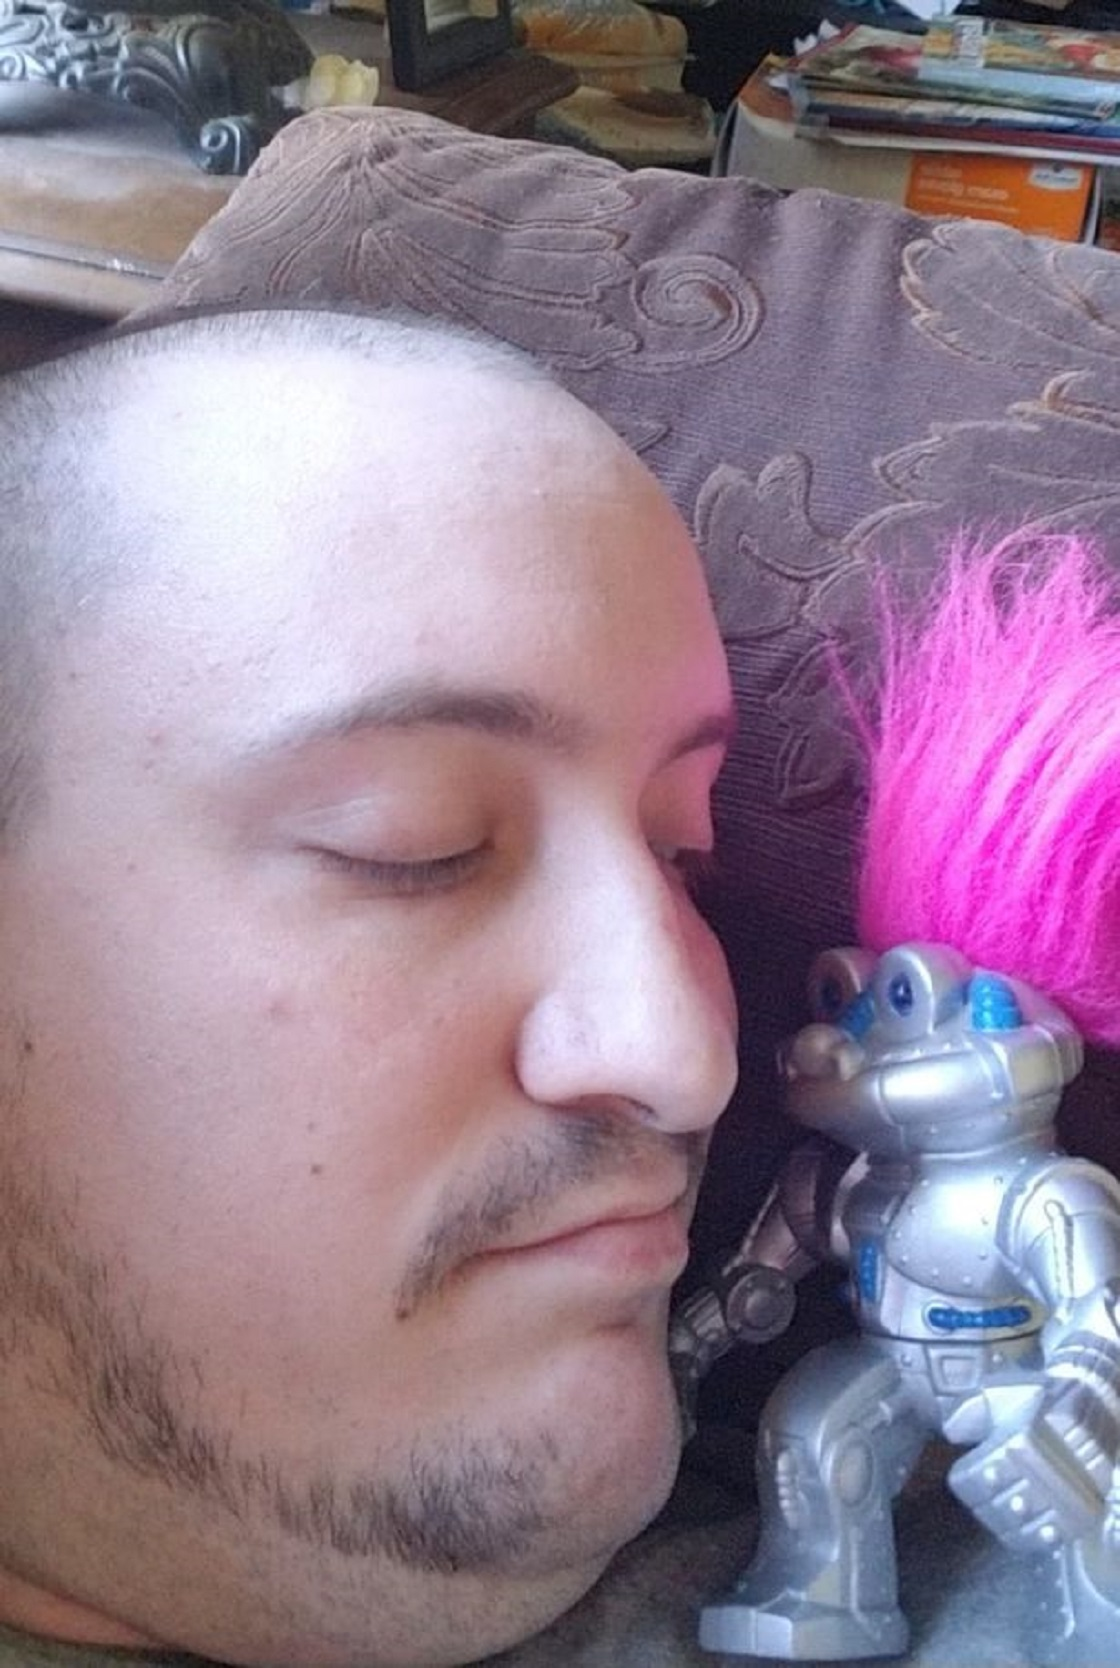 El hombre que se quiere casar con su robot de juguete